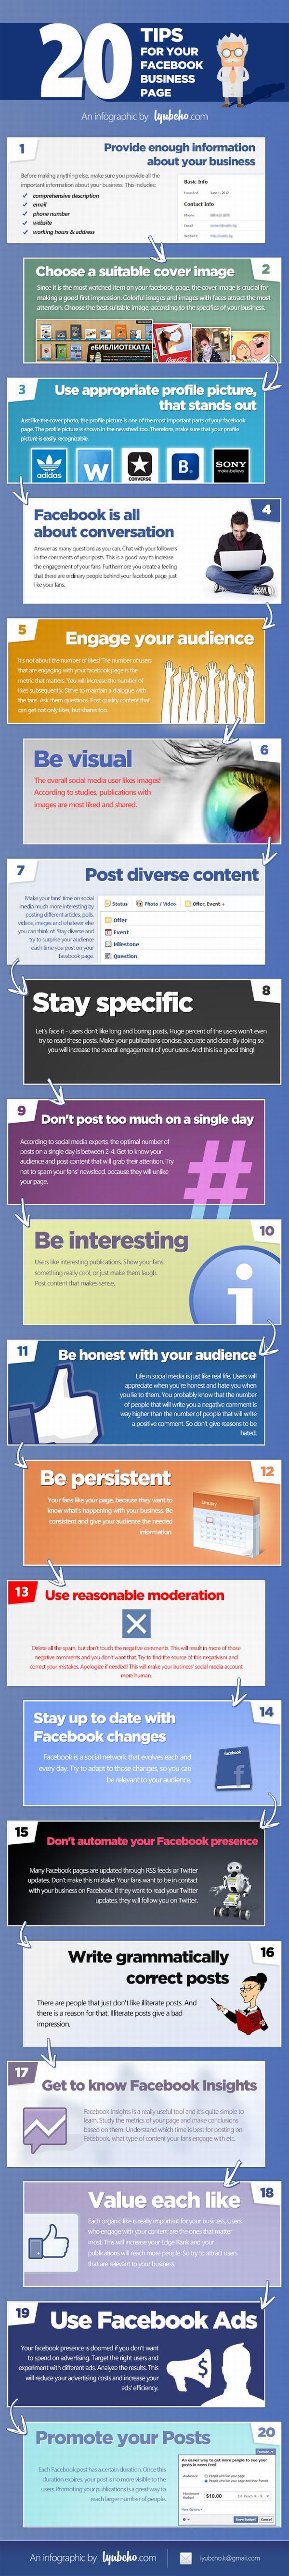 E voi che ne pensate? Noi di MaterialiCasa siamo abbastanza bravi a seguire queste best practices? Ci piacerebbe sapere cosa ne pensate! #Infographic #facebook